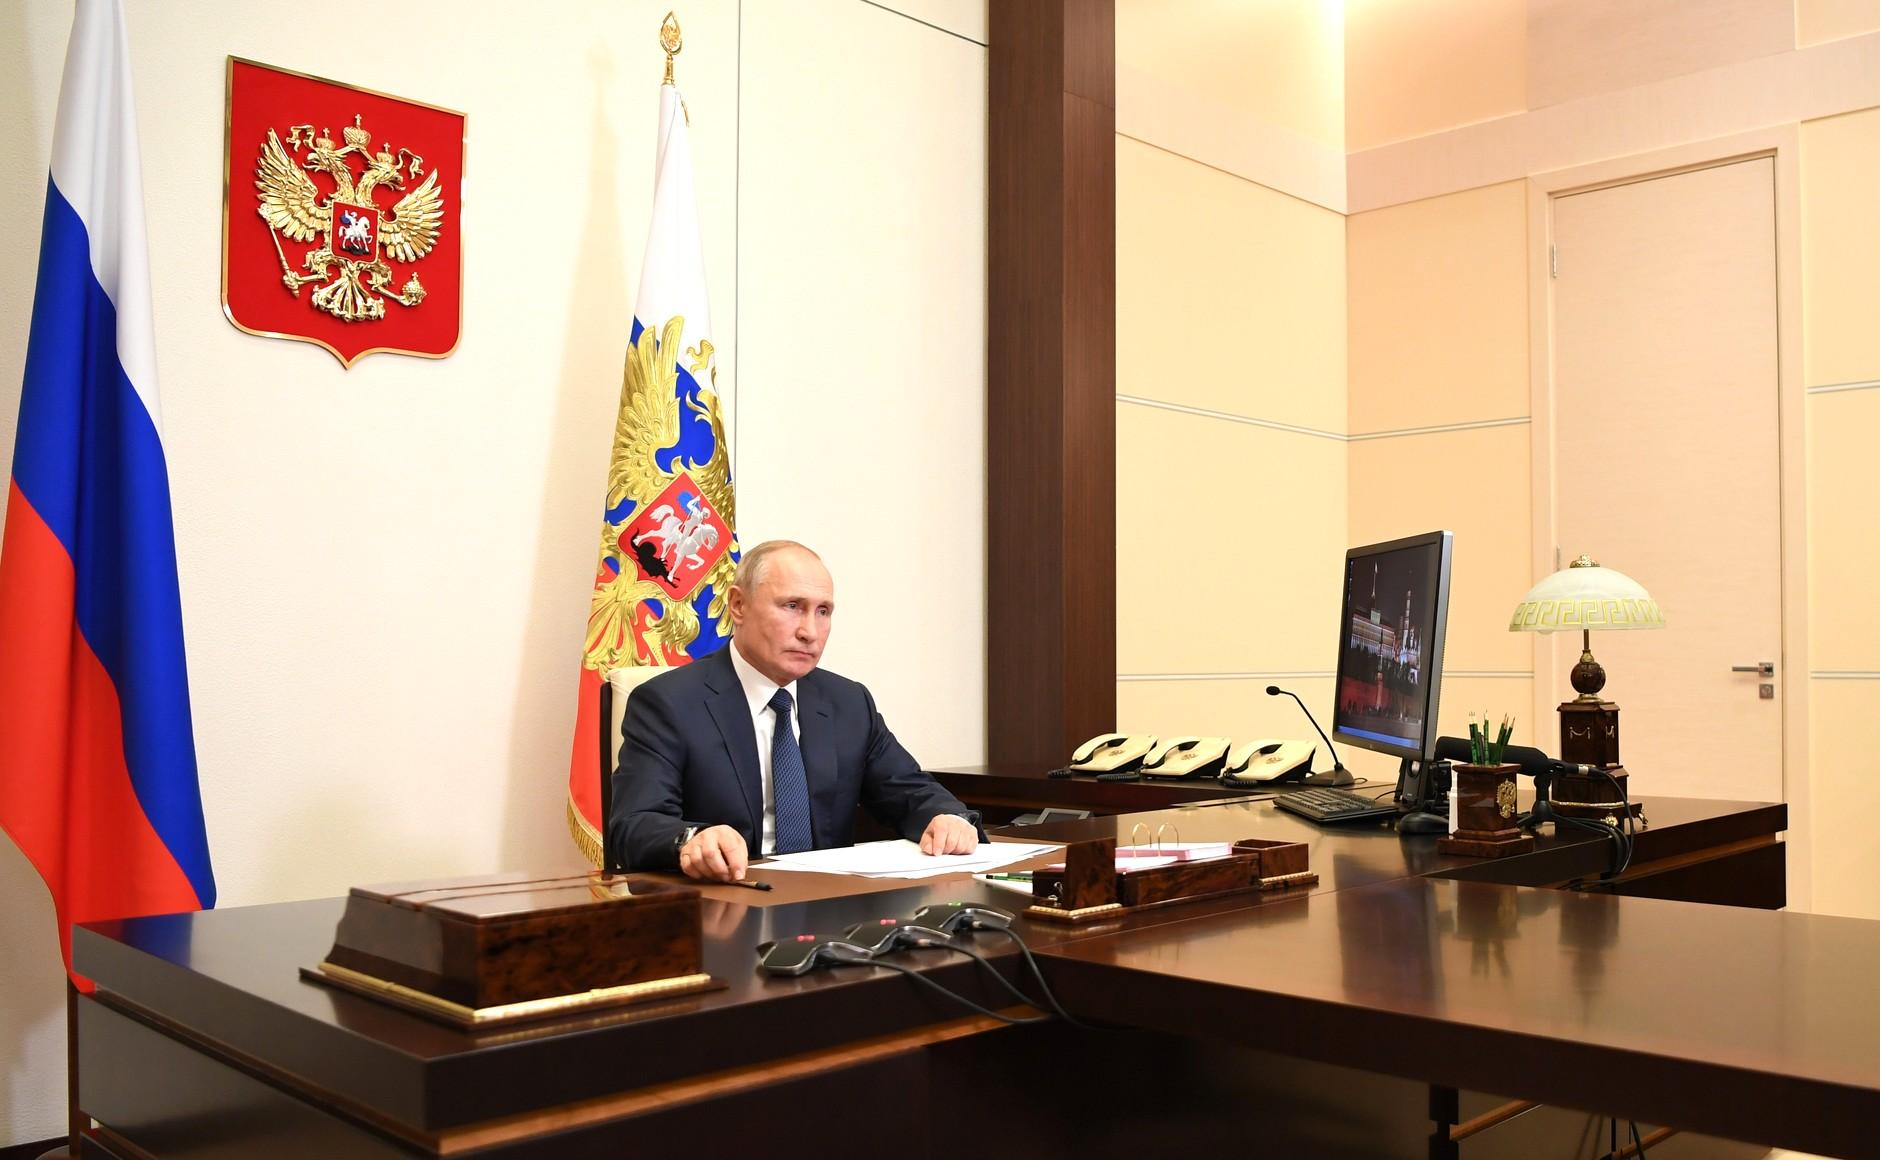 俄亚阿签署联合声明:在纳卡地区停止军事行动